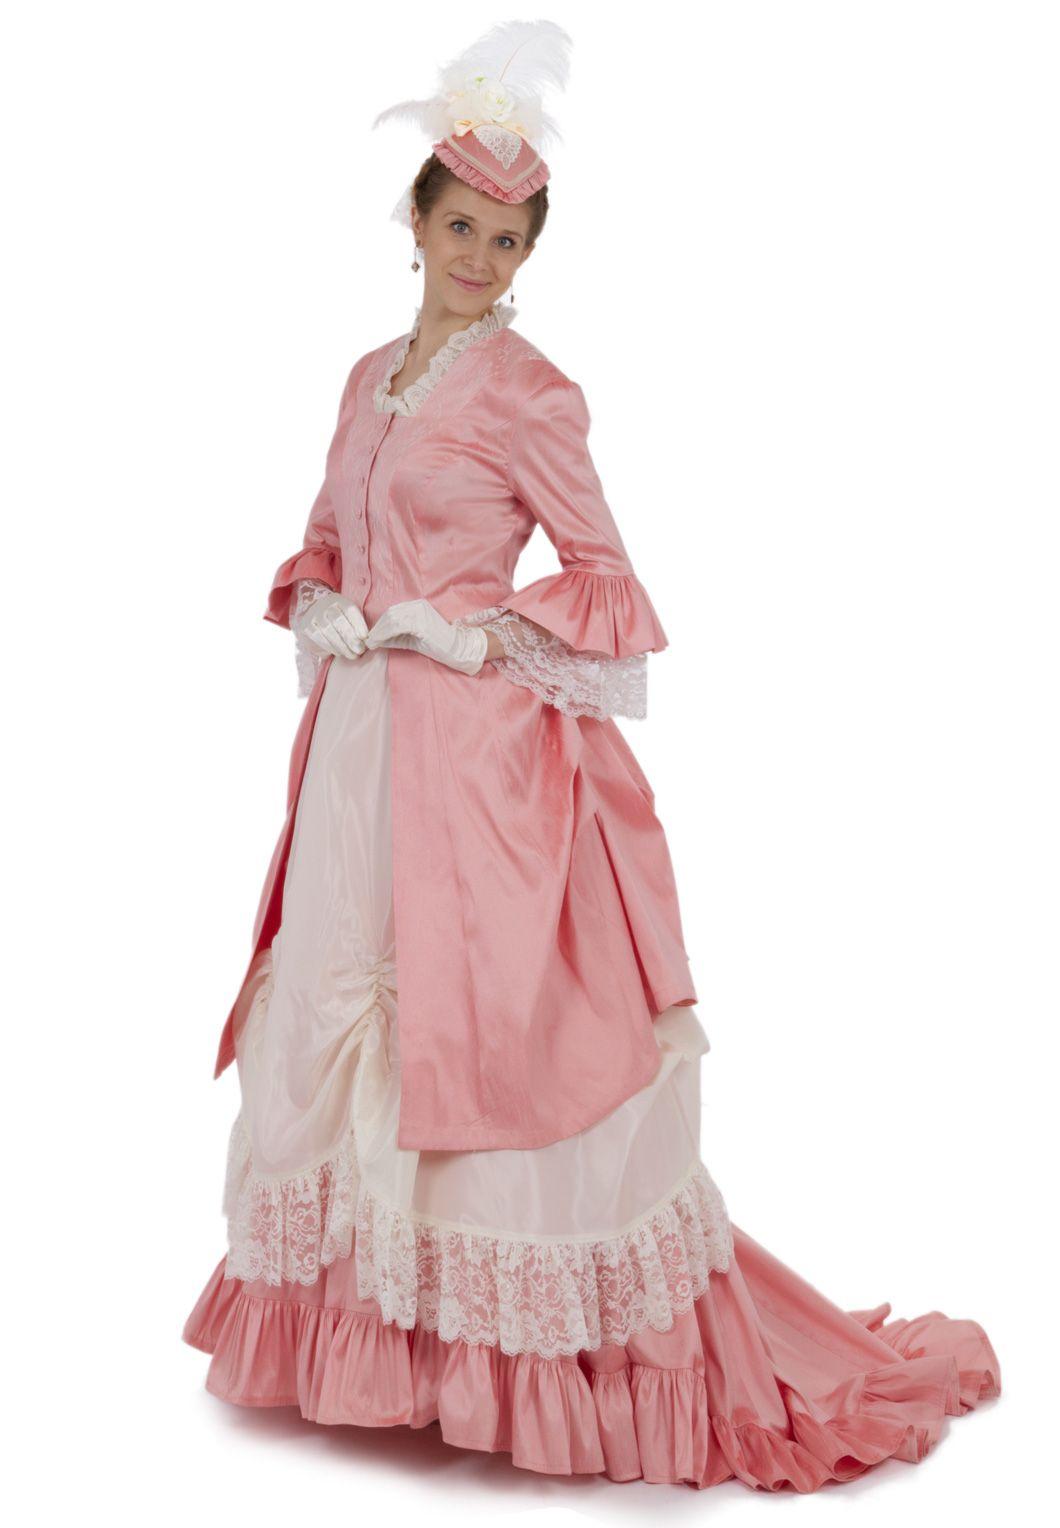 Perla Victorian Polonaise Bustle Dress #dressesfromthesouthernbelleera